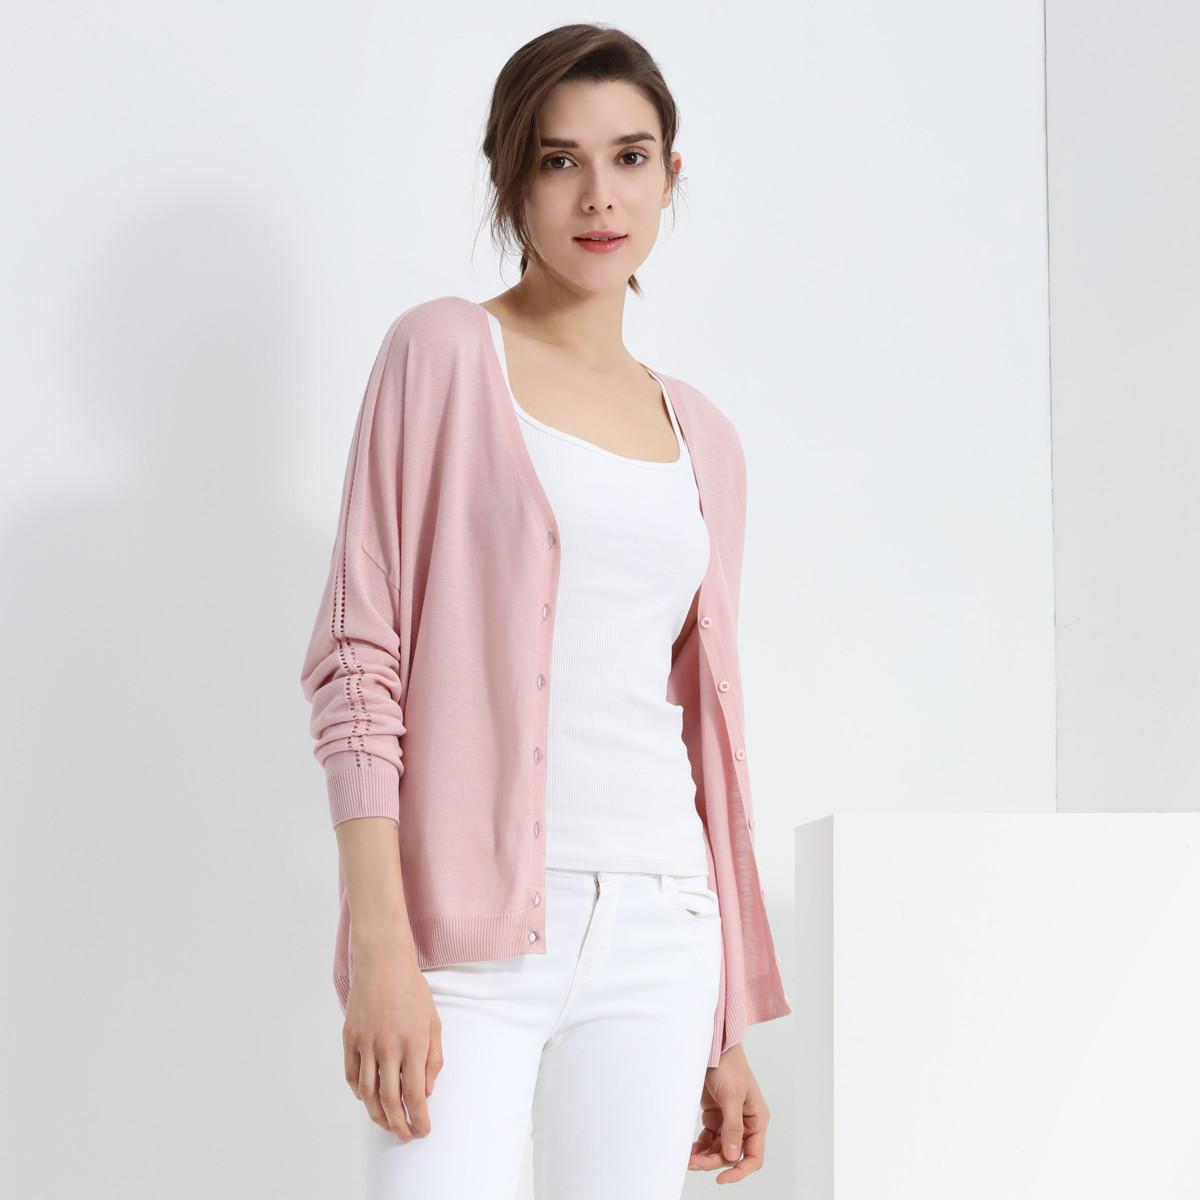 兆君春装女V领落肩九分袖薄款休闲真丝开衫女式外套ZSM4646A5101